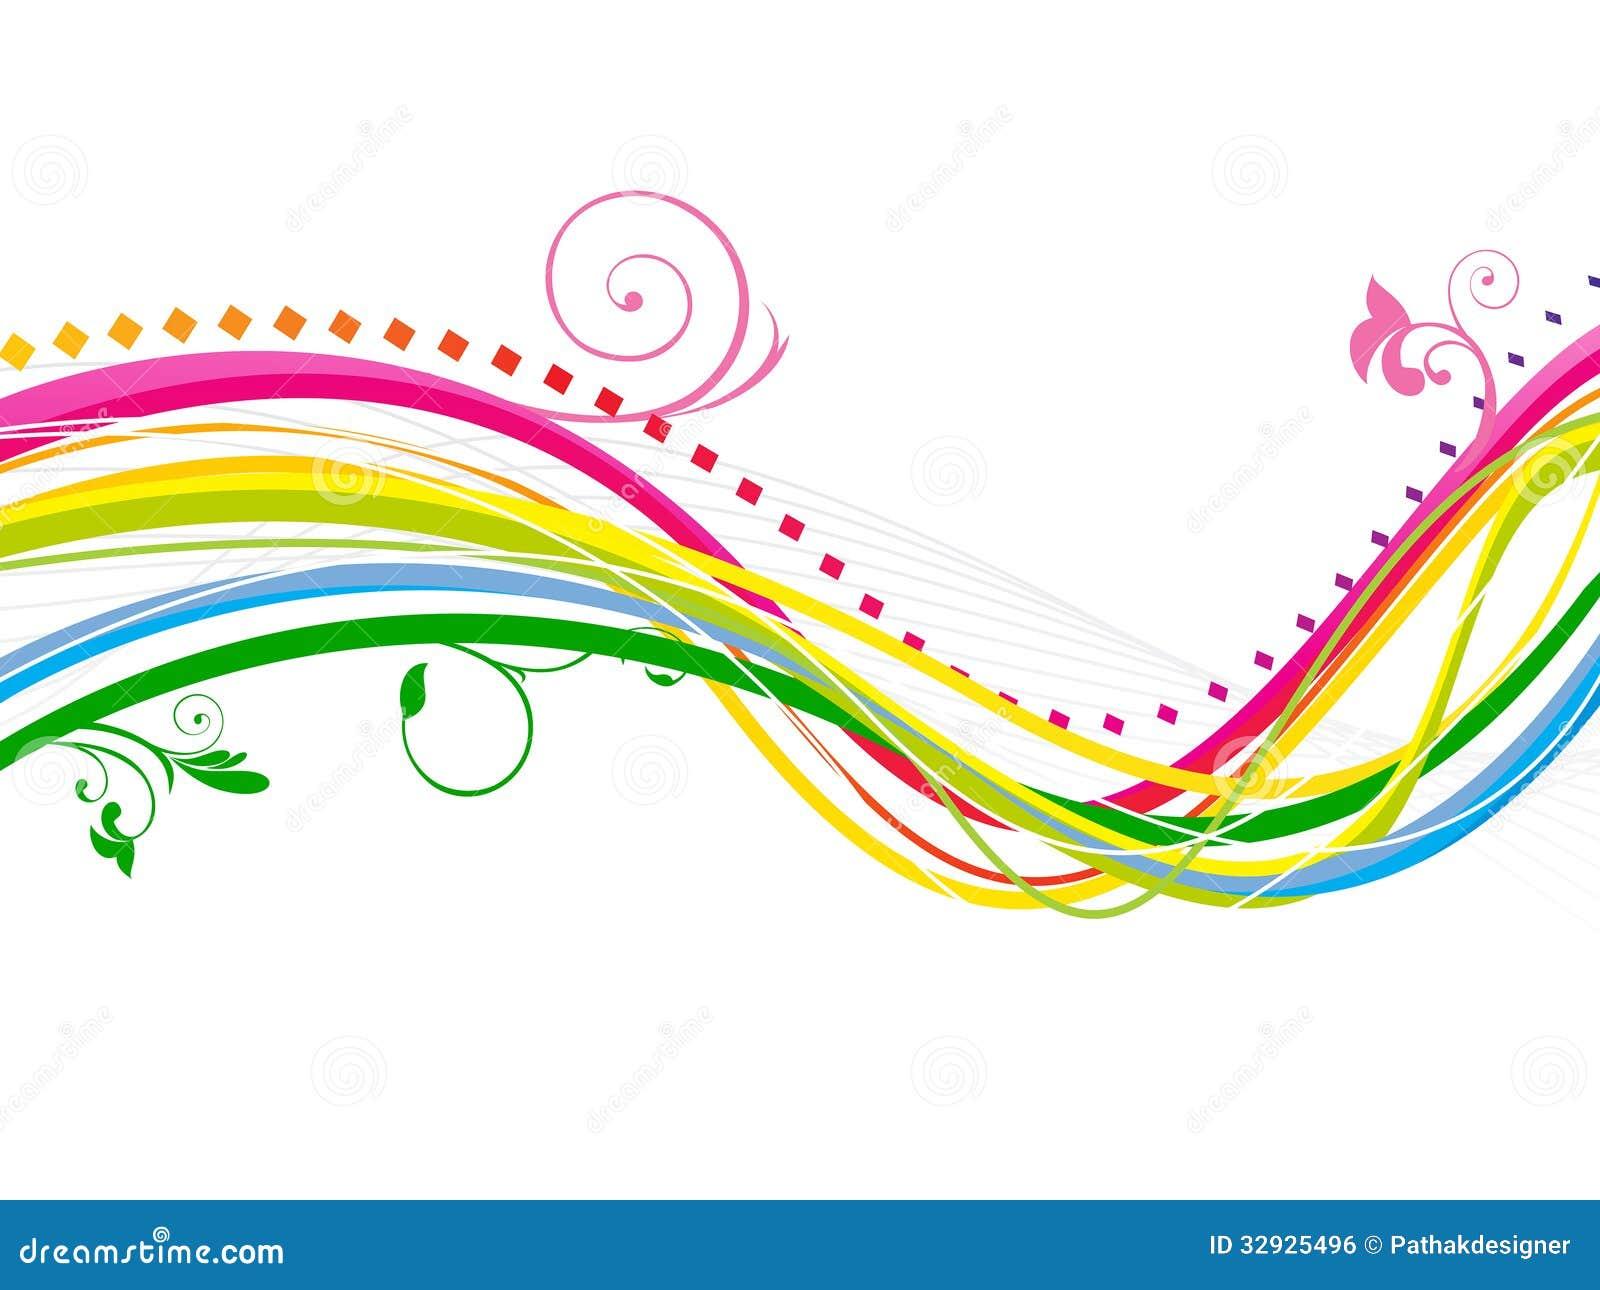 Ligne color e abstraite fond d 39 arc en ciel de vague - Image arc en ciel gratuite ...